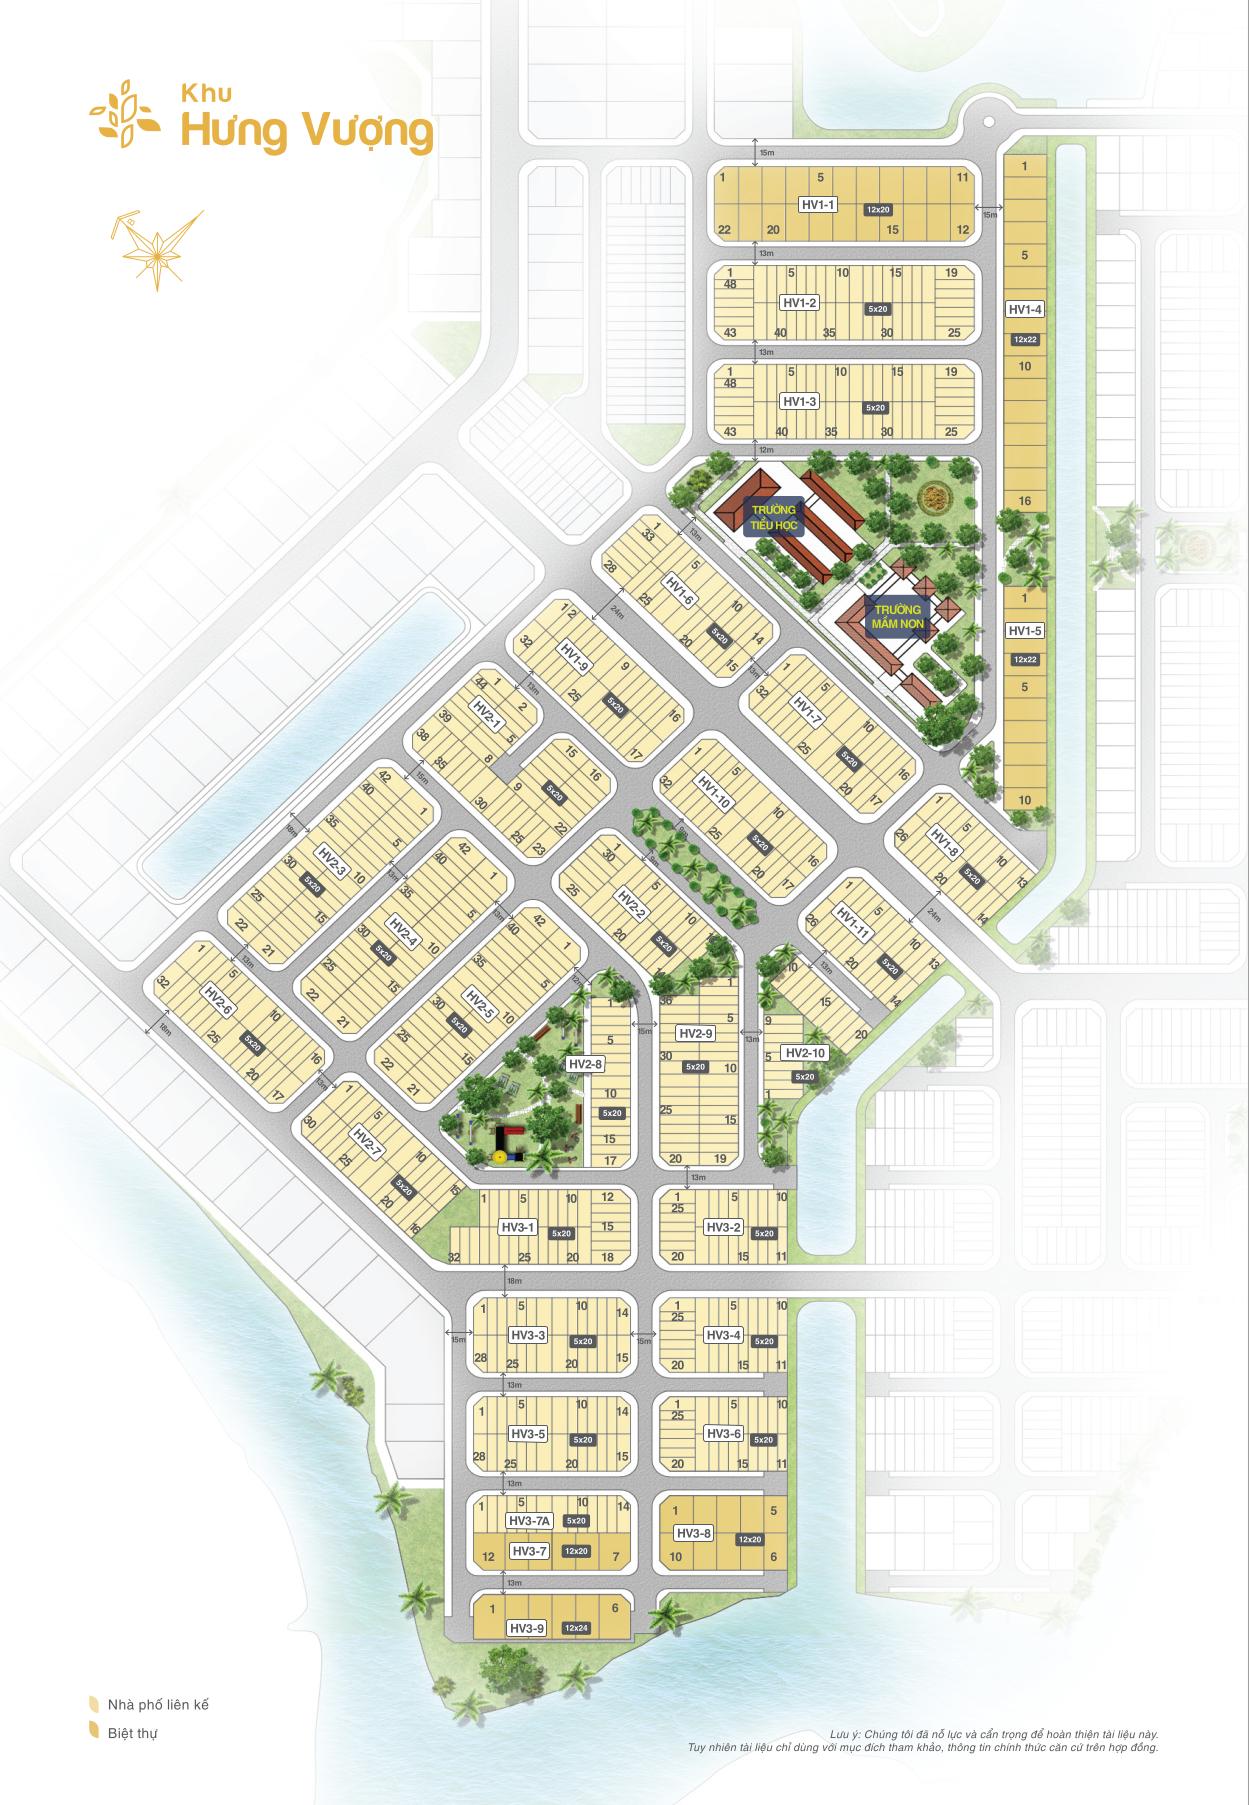 dự án biên hòa new city - mặt bằng dự án